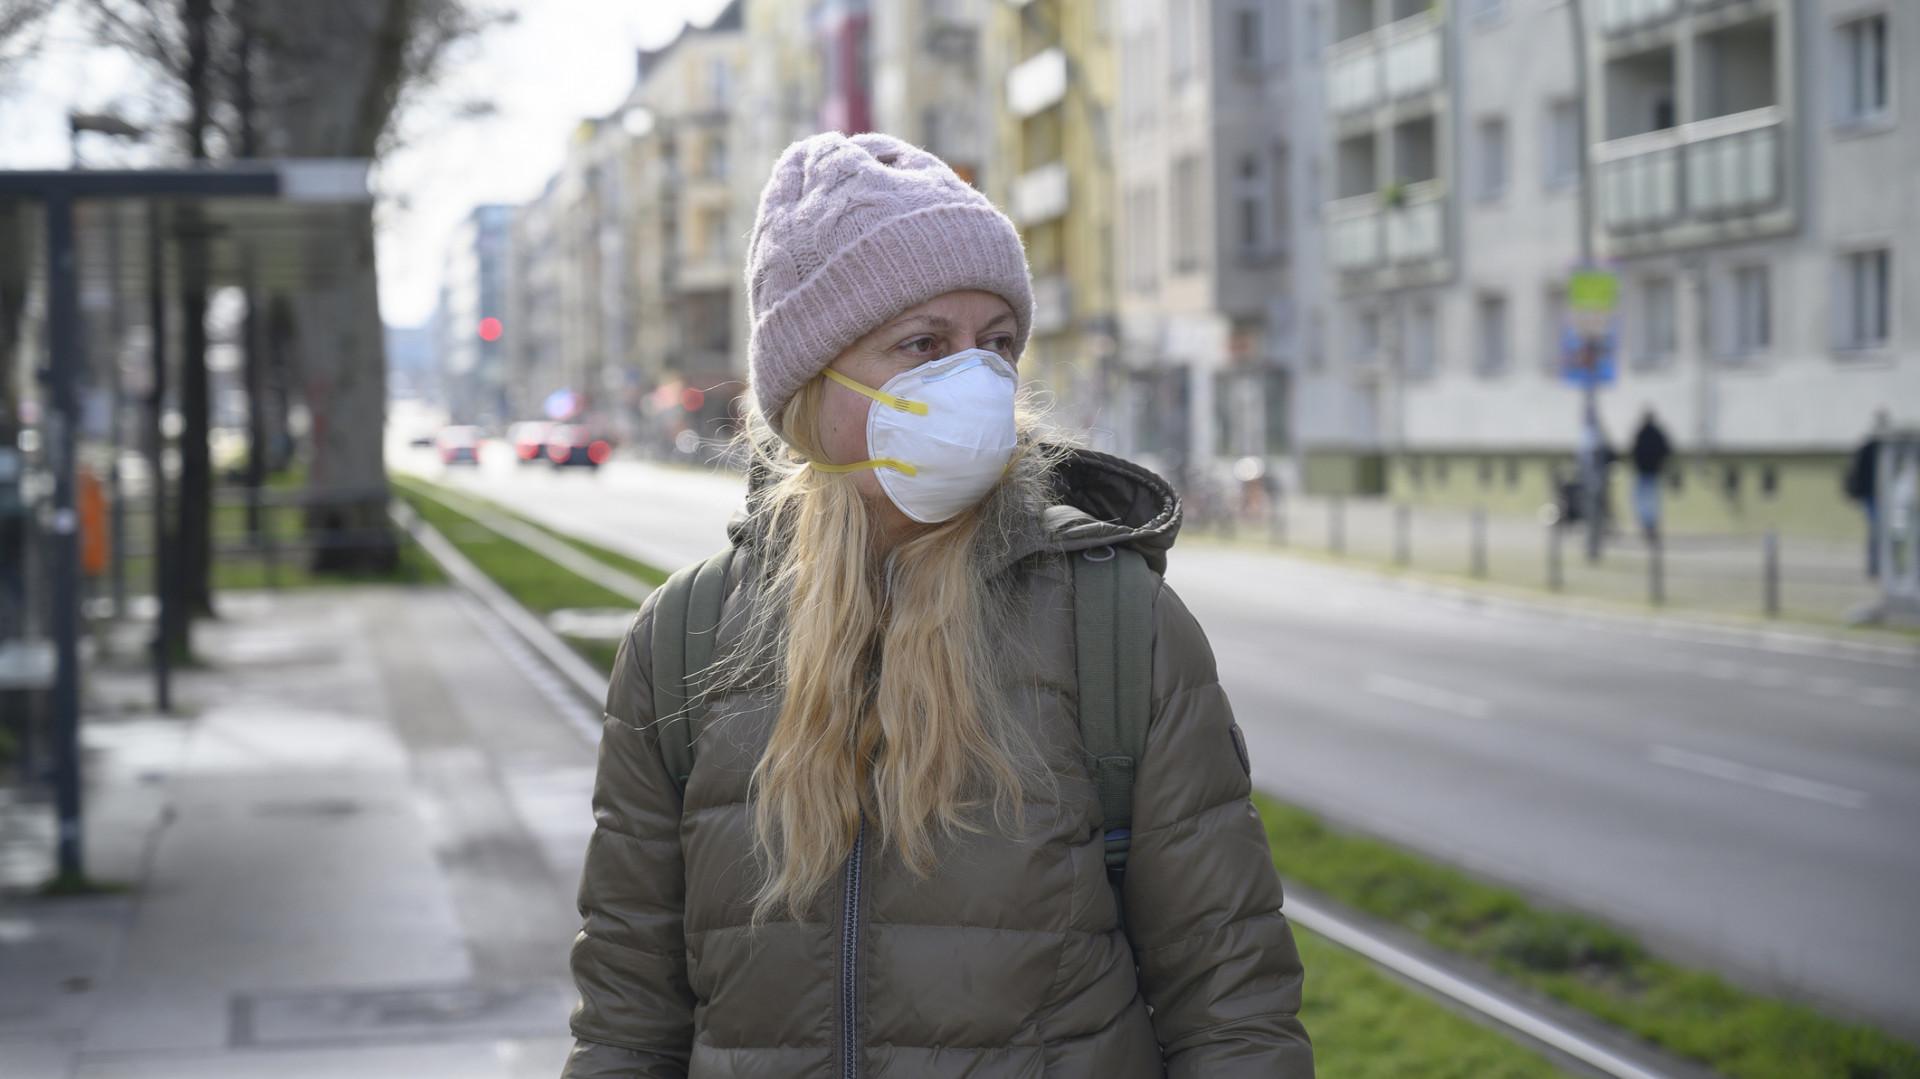 Koronavírus: jön a harmadik hullám Magyarországon, ha nem gyorsulnak fel az oltások